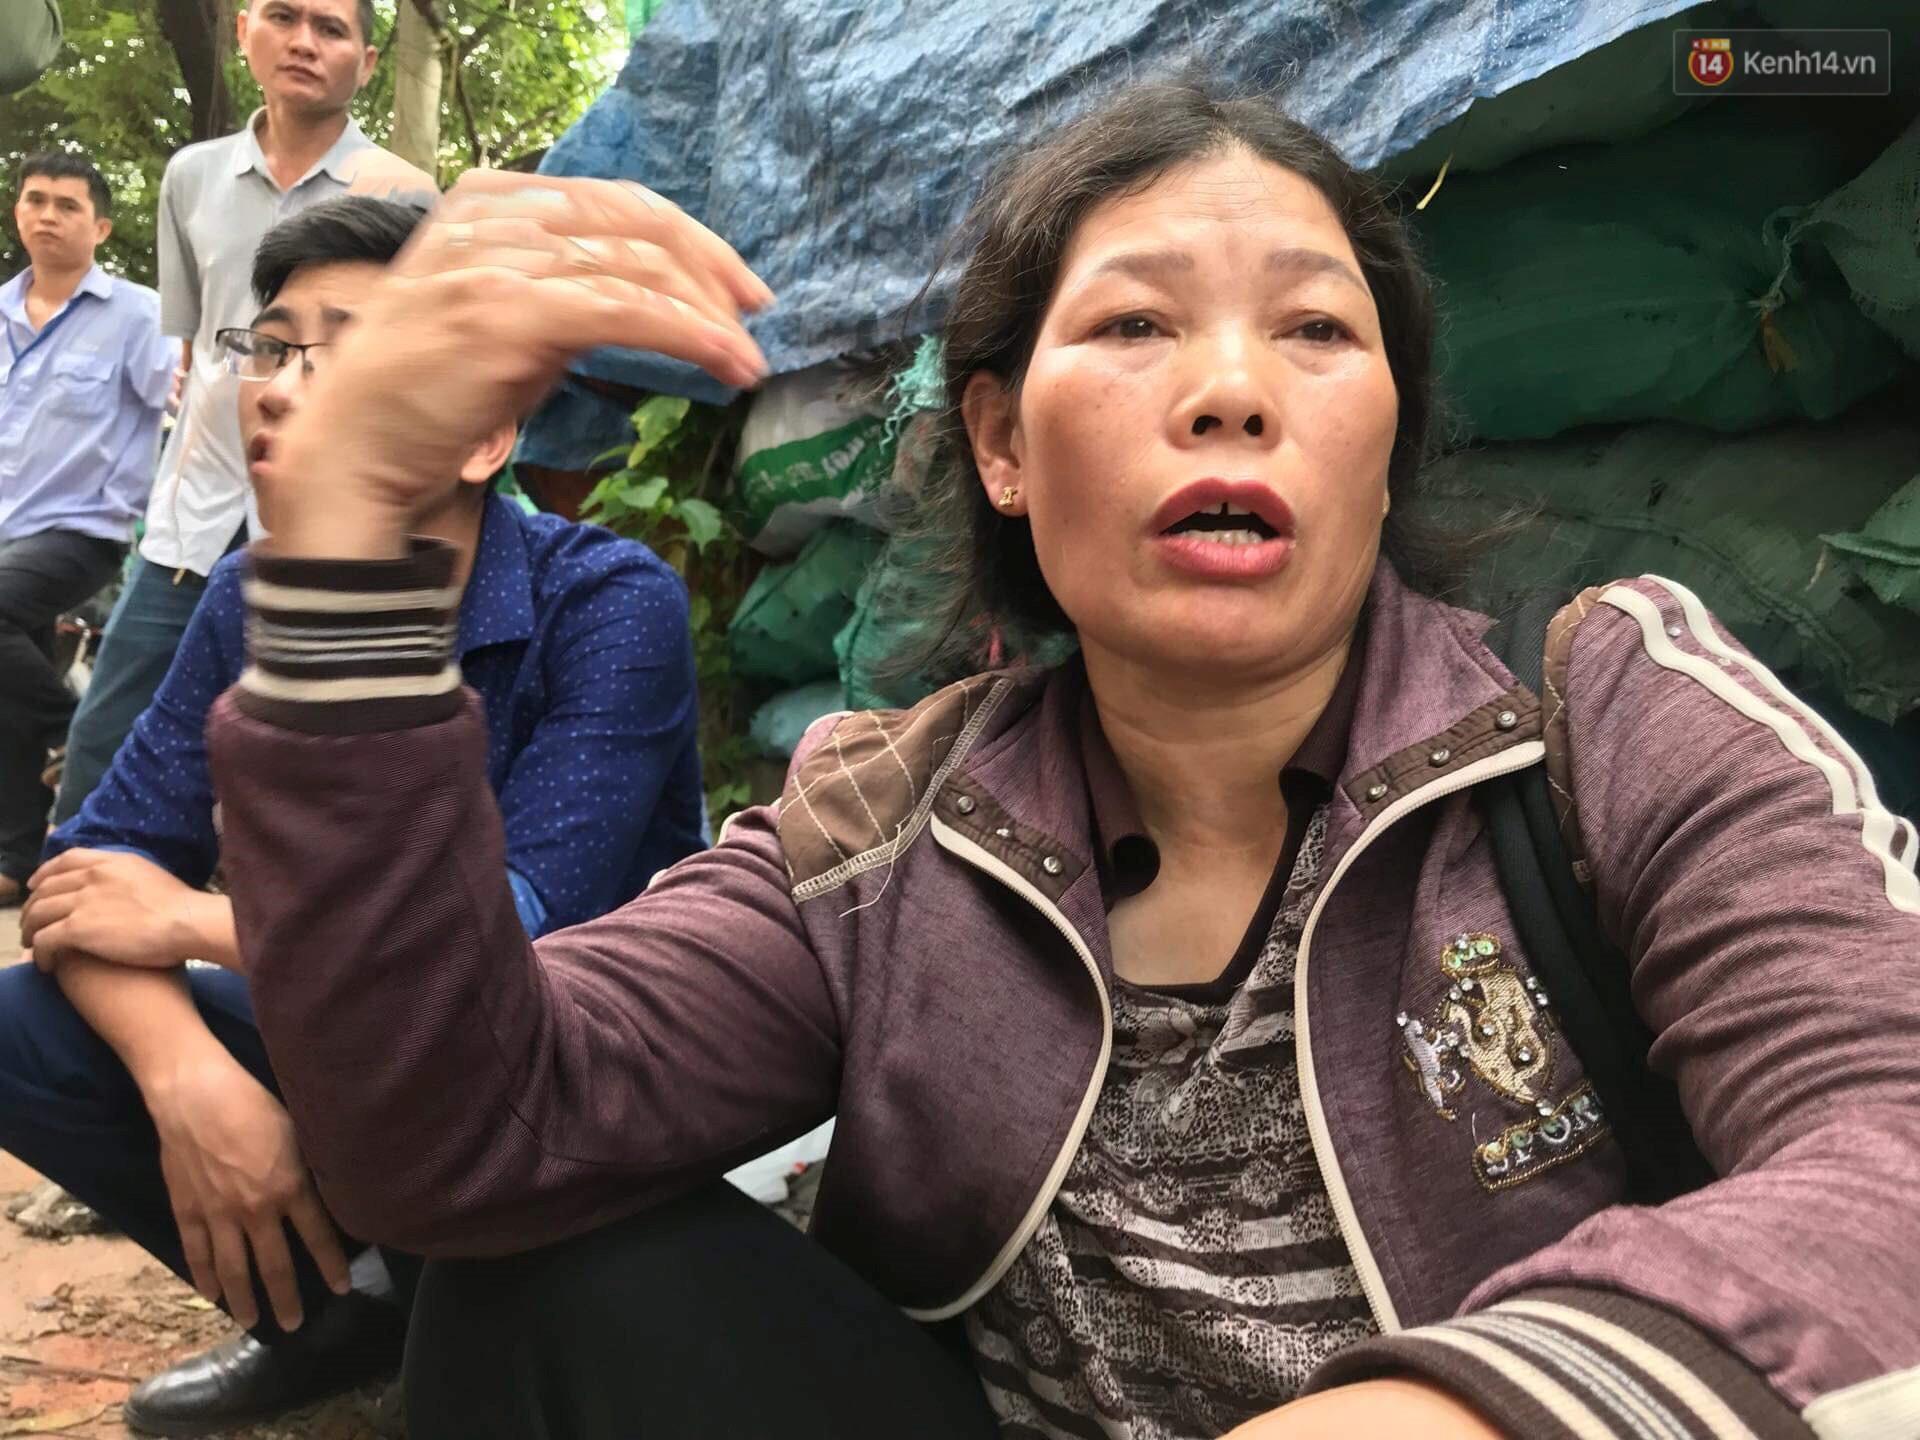 Người nhà nạn nhân đau đớn, khóc ngất tại hiện trường vụ hỏa hoạn khiến 8 người chết và mất tích-4